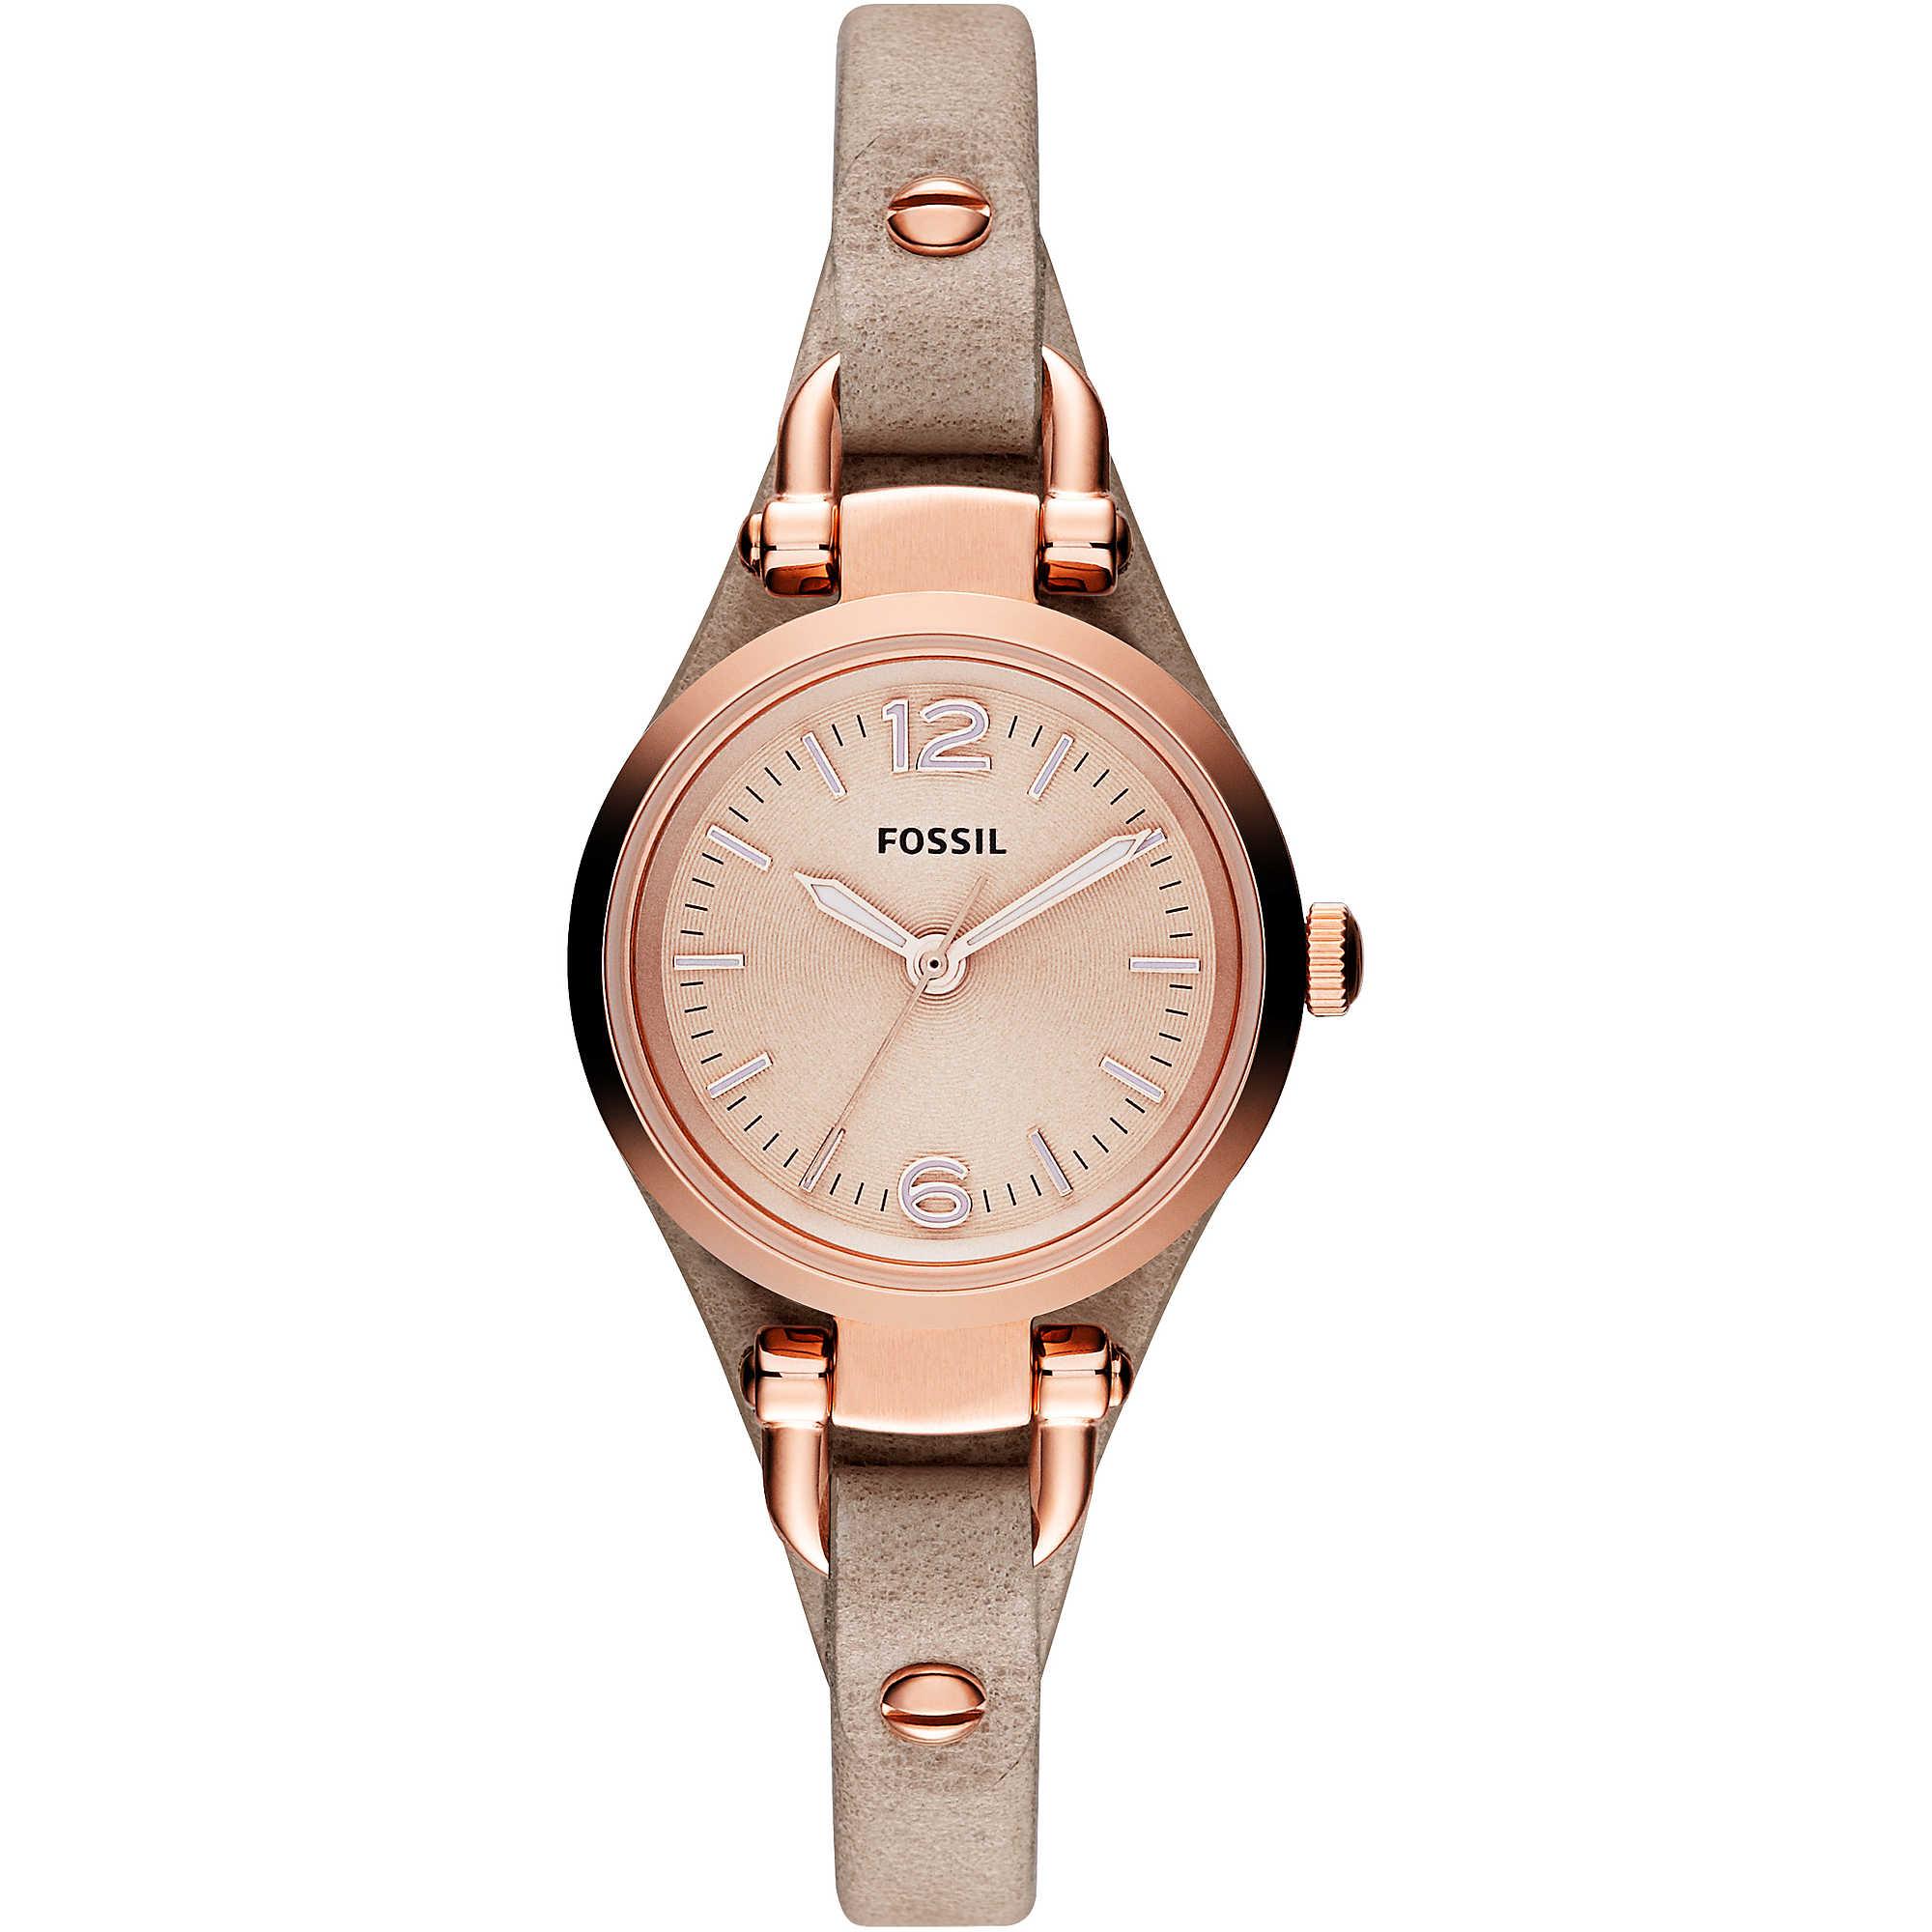 orologi fossil prezzi donna